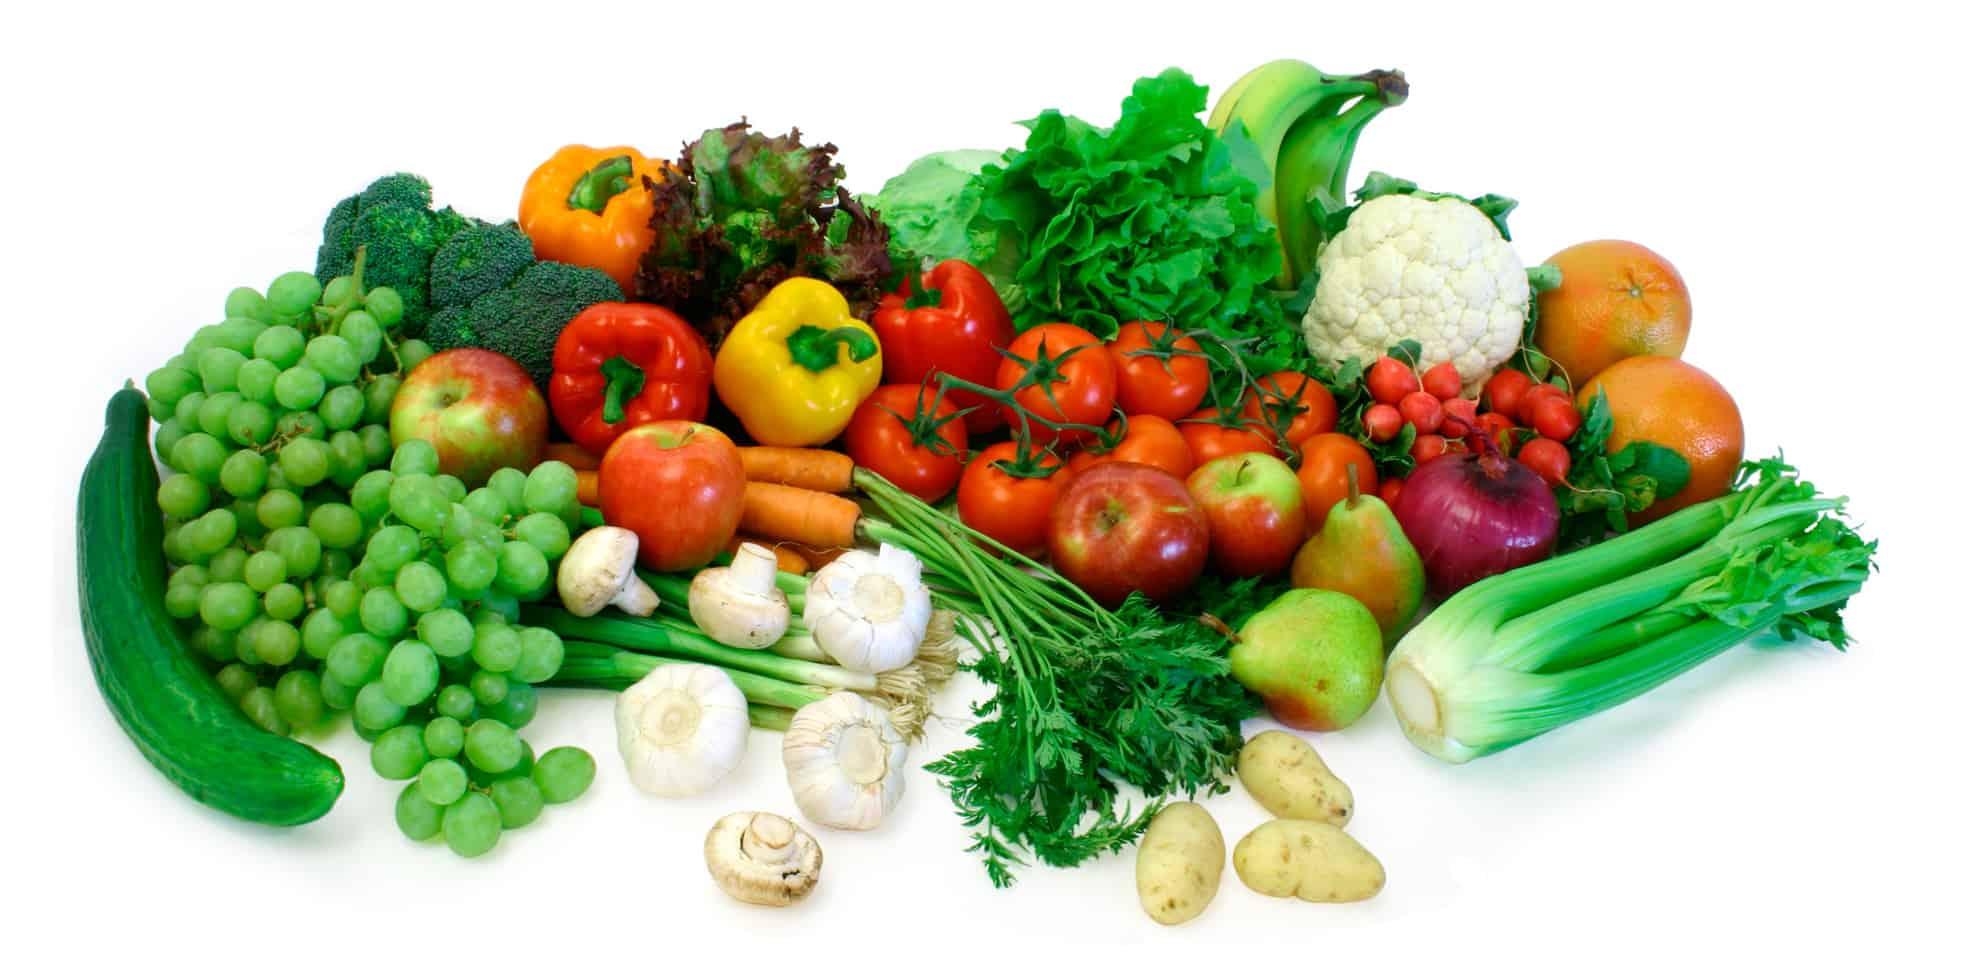 الأطعمة الطازجة وفوائدها